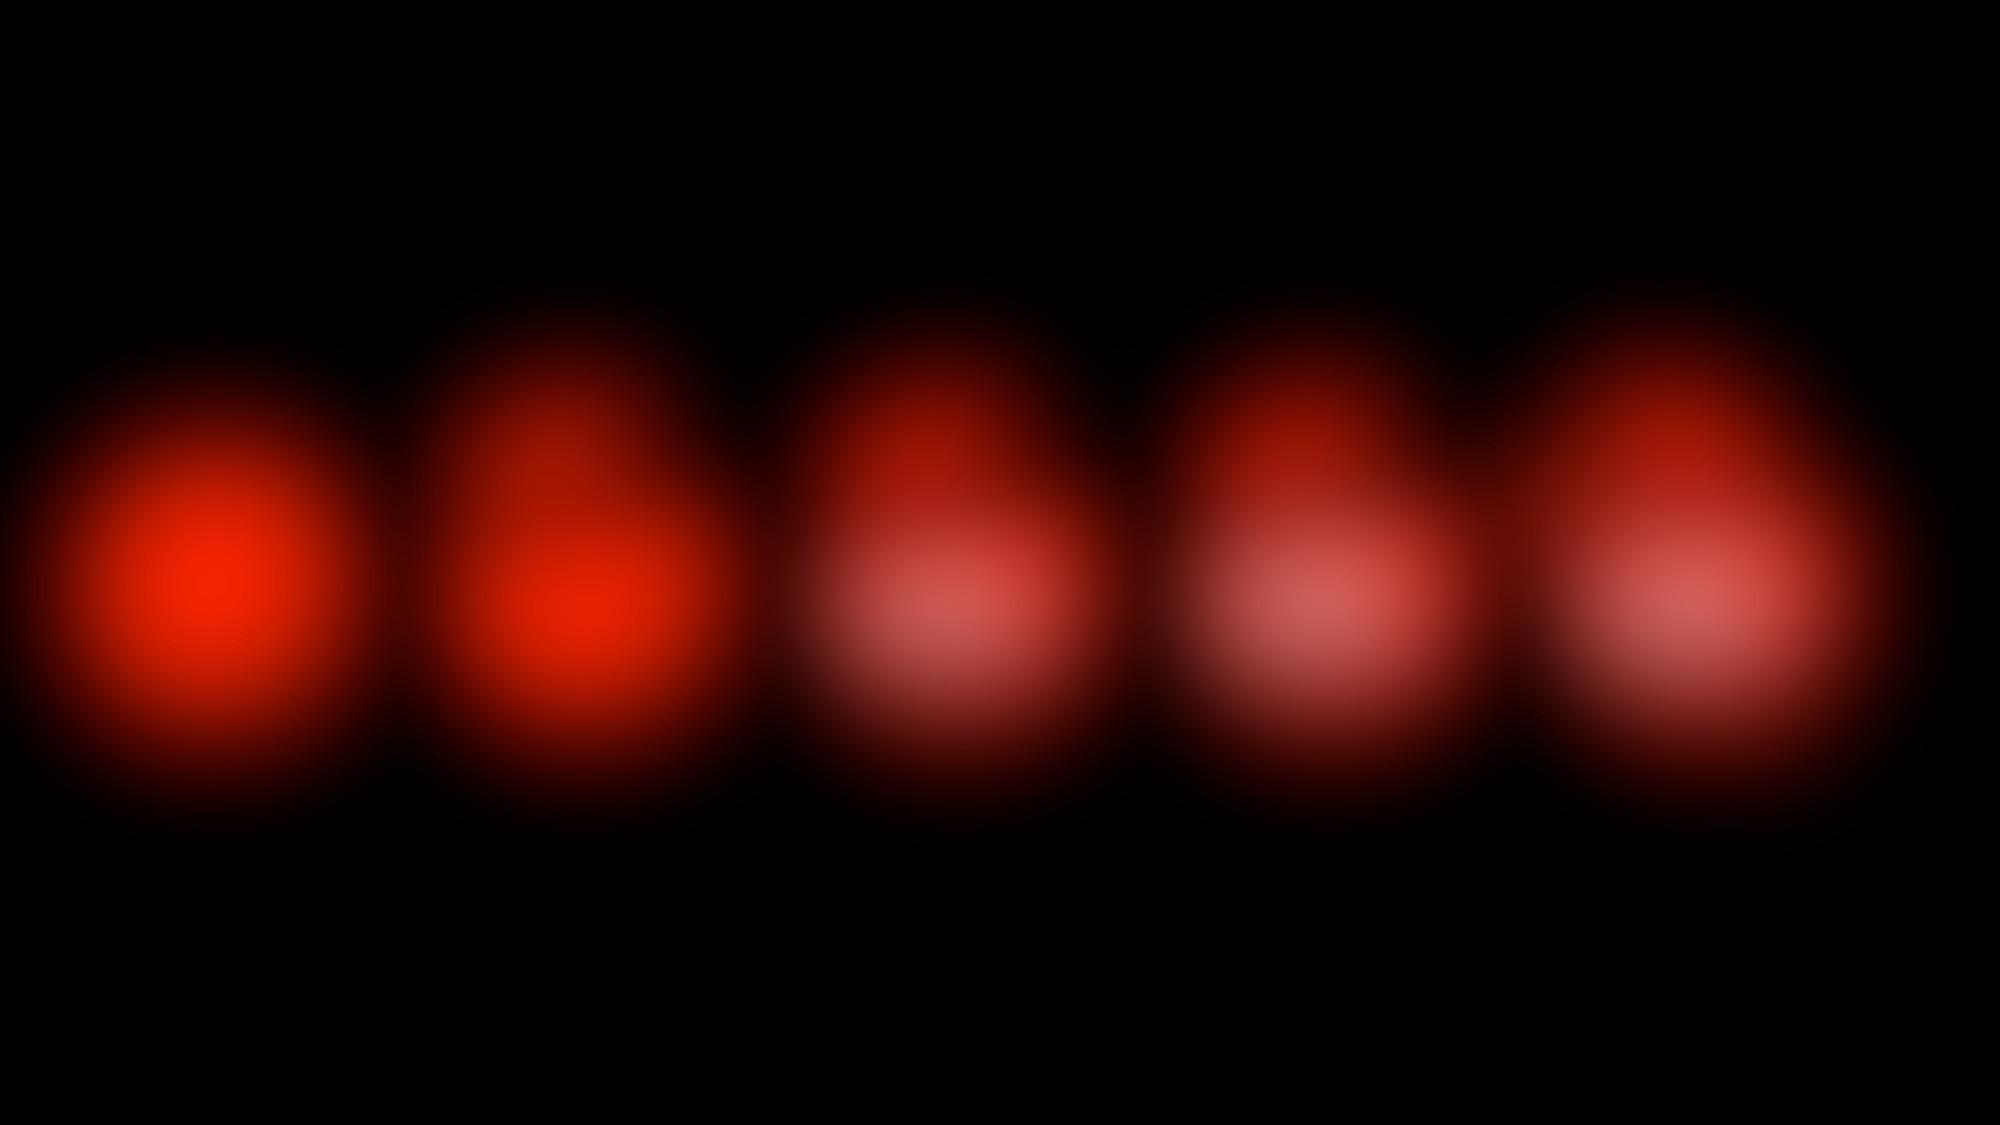 KOTO emoji 00003 autocompressfitresizeixlibphp 1 1 0max h2000max w3 D2000q80see38aa0a57c7688853c00a3b339984b8